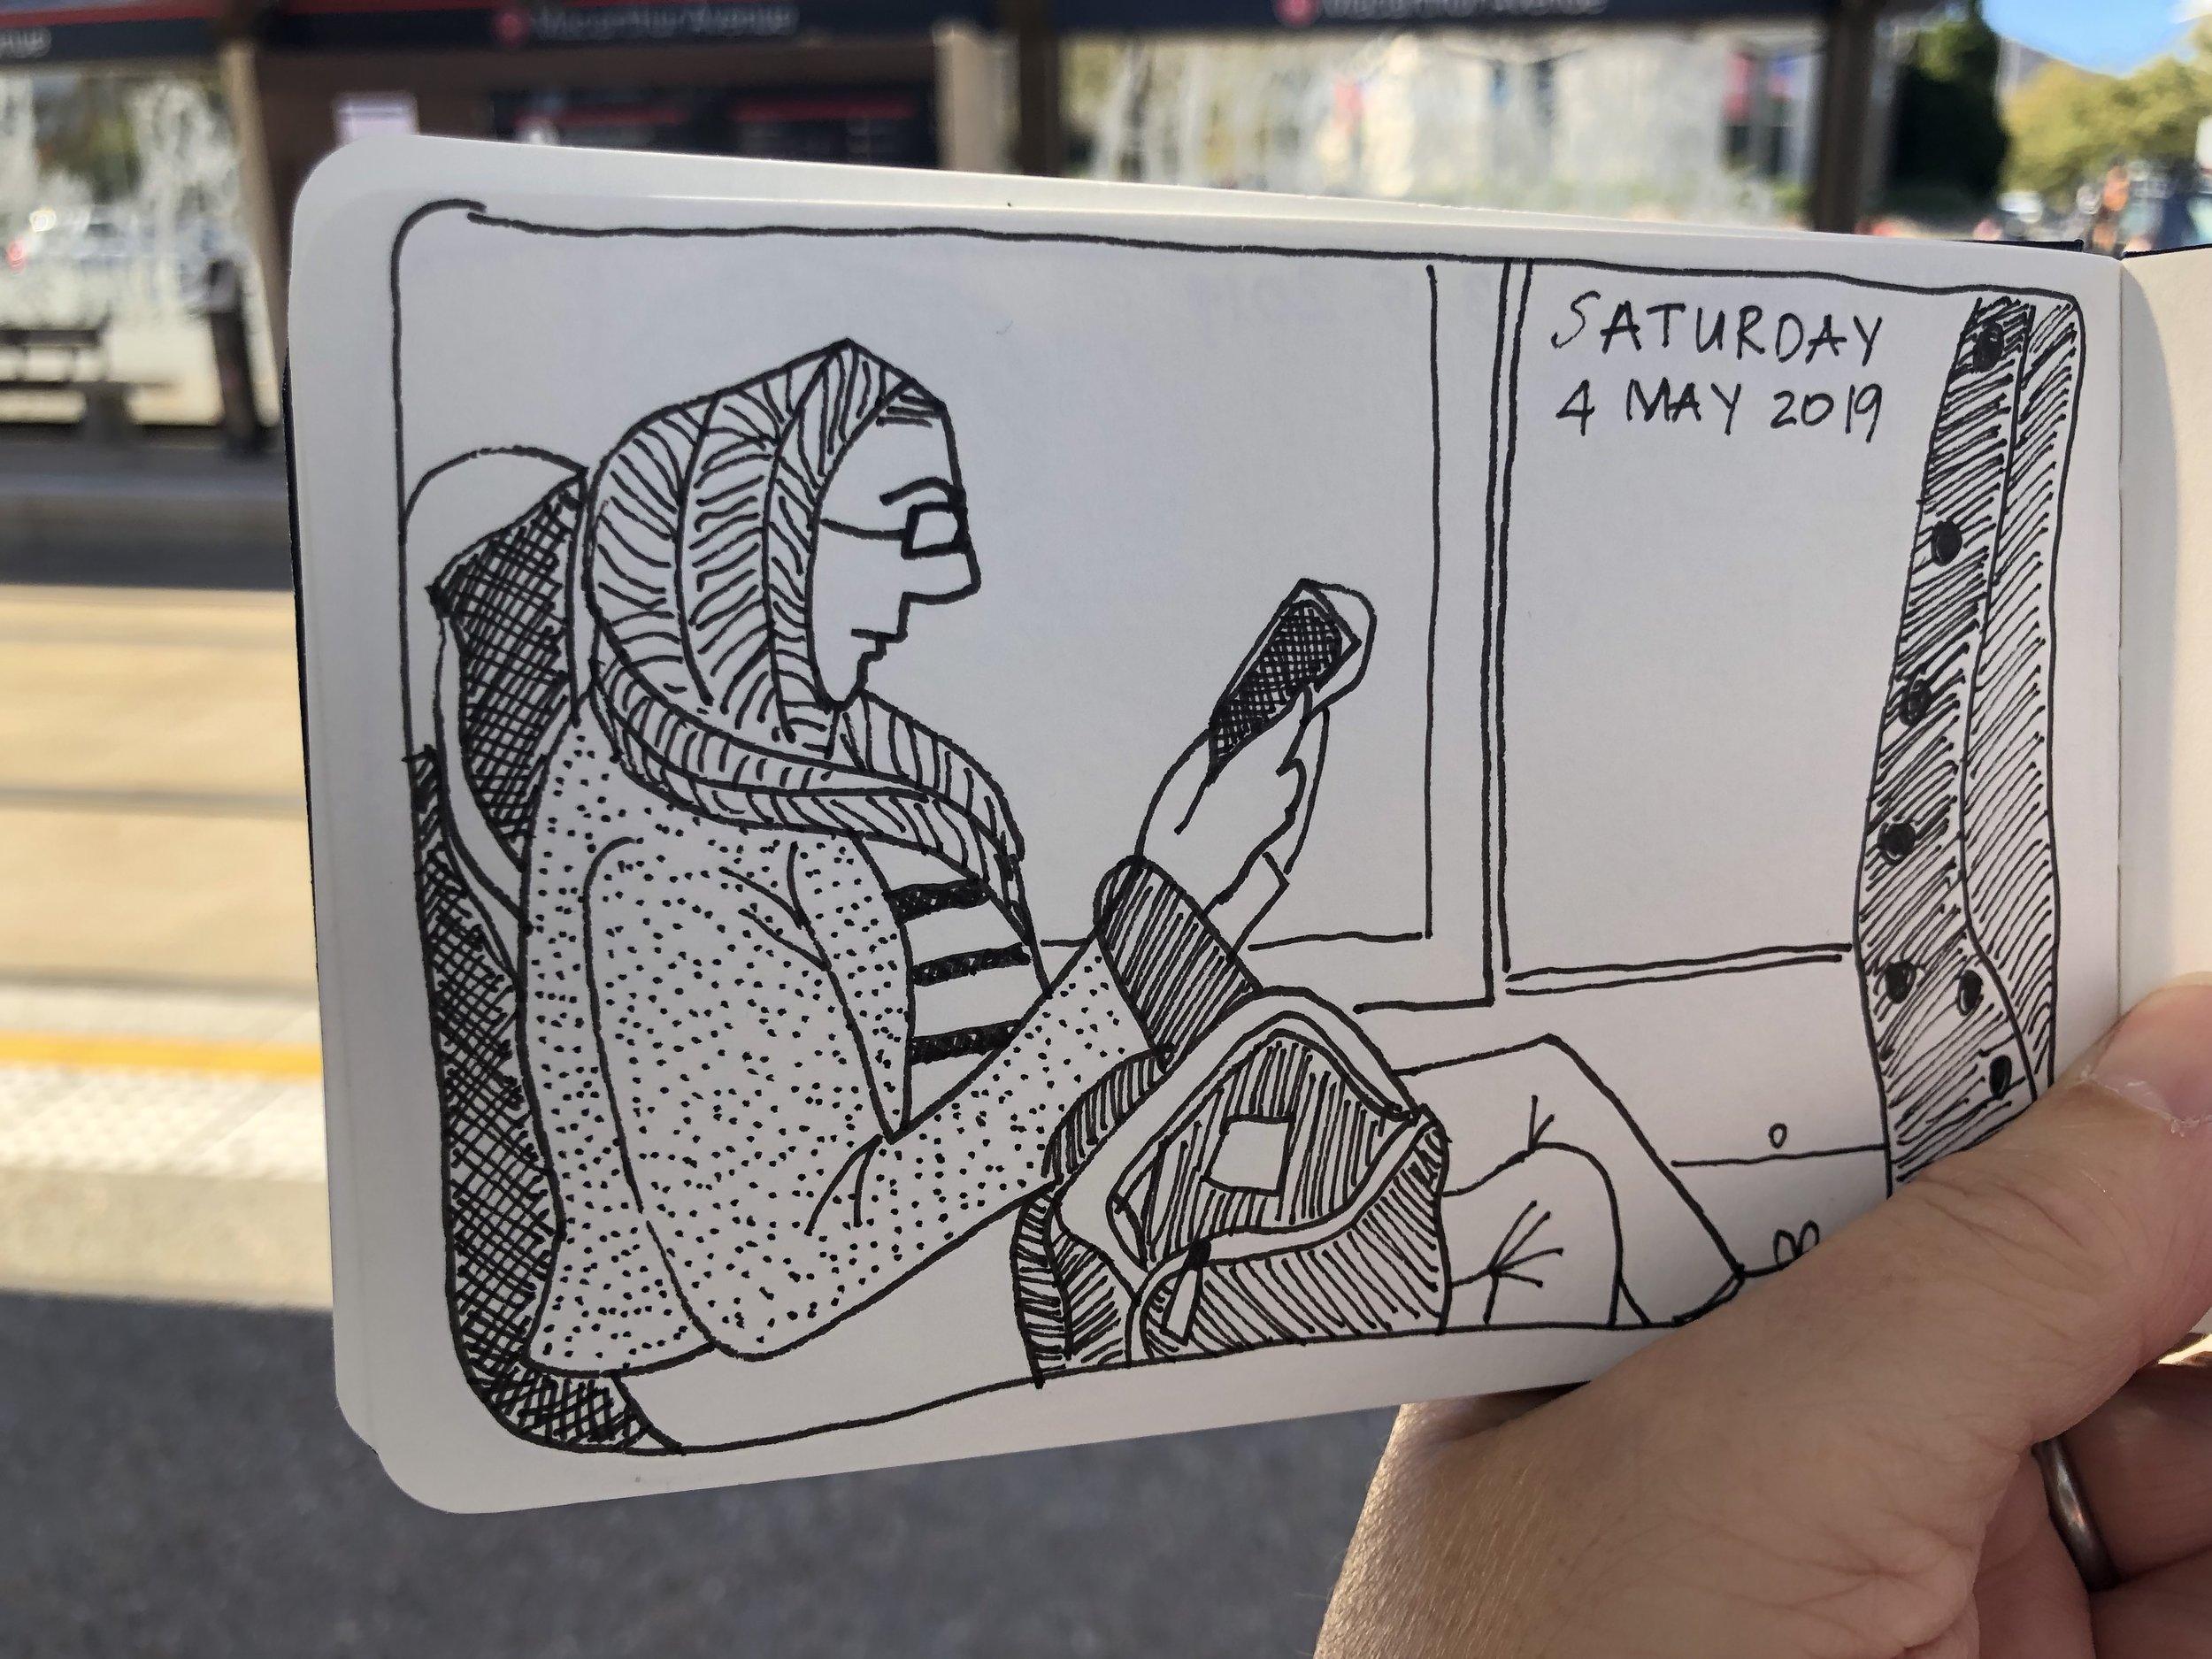 Tram traveller, 4 May 2019